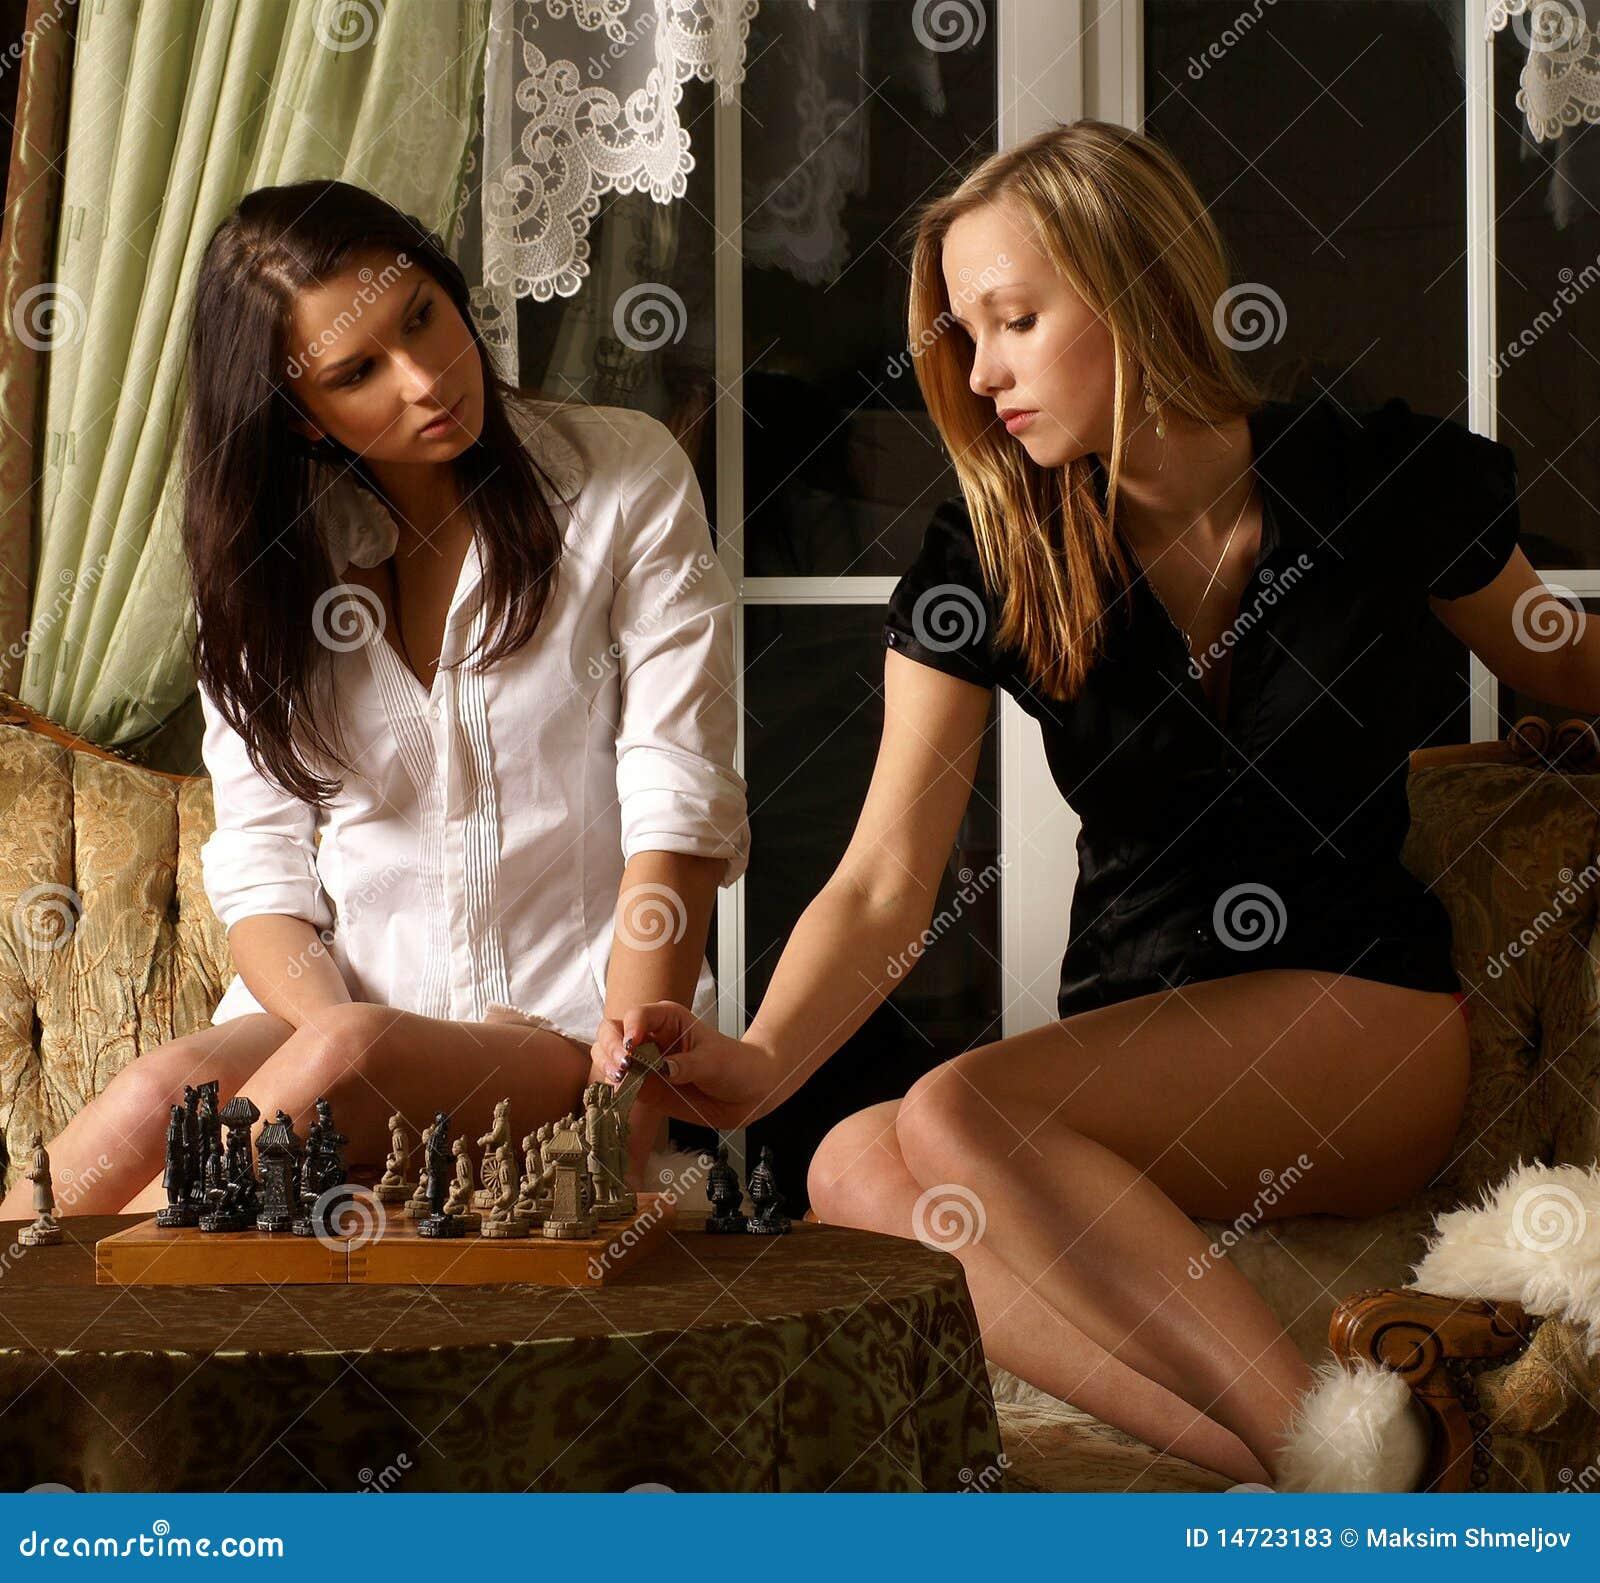 Сексуальная девушка играет в игры 17 фотография